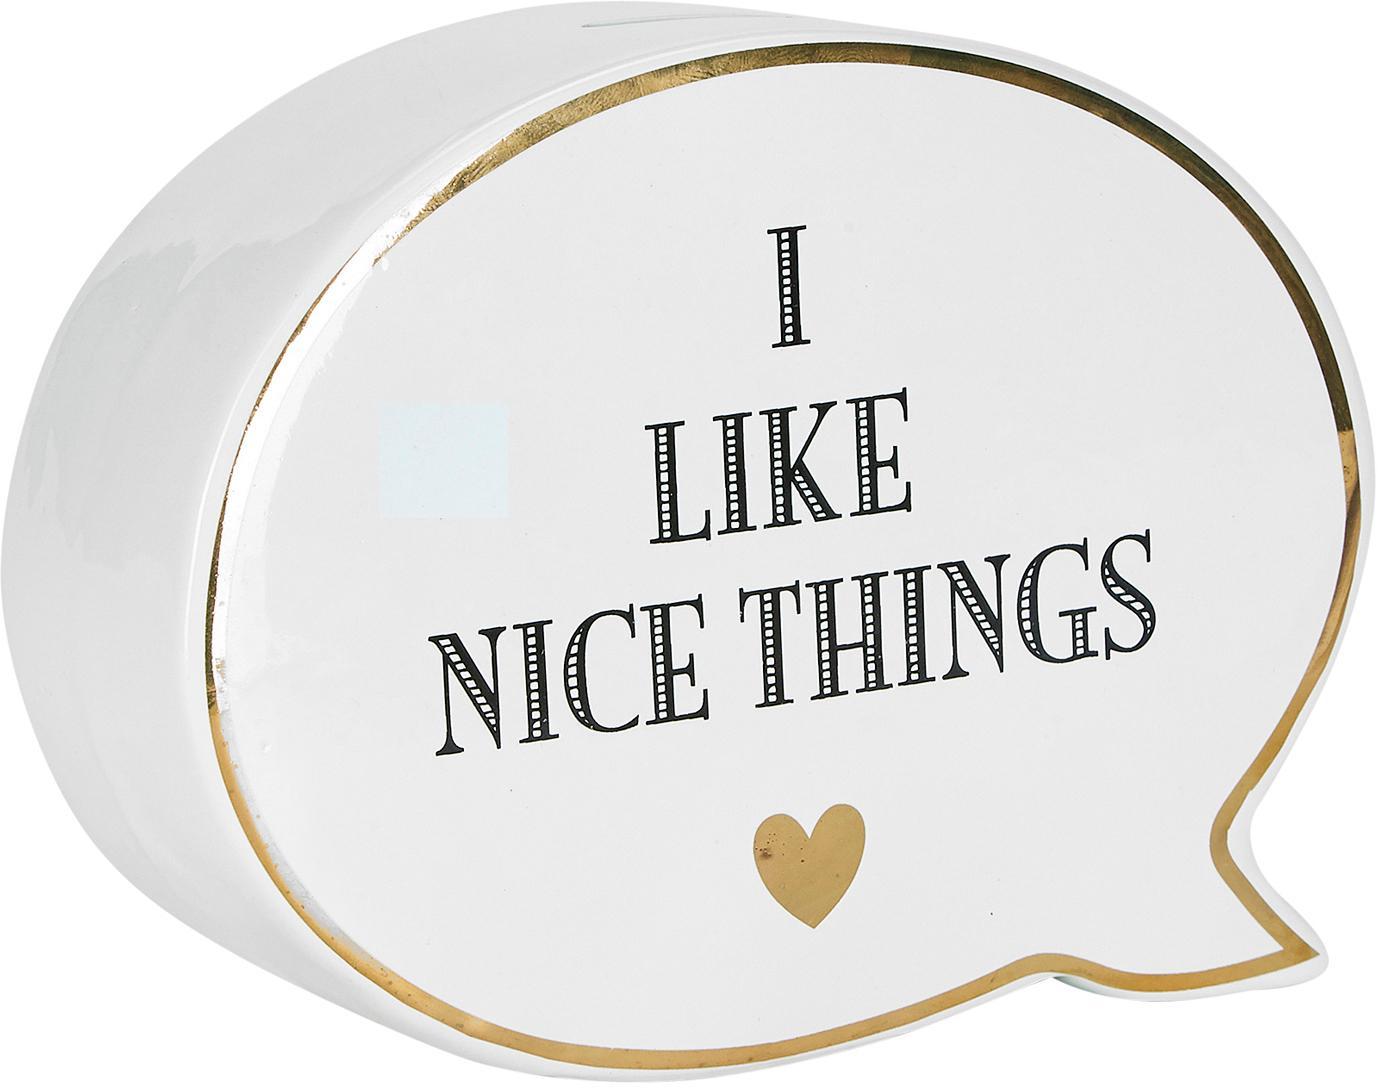 Salvadanaio Nice Things, Ceramica, Bianco, nero, Larg. 18 x Alt. 14 cm